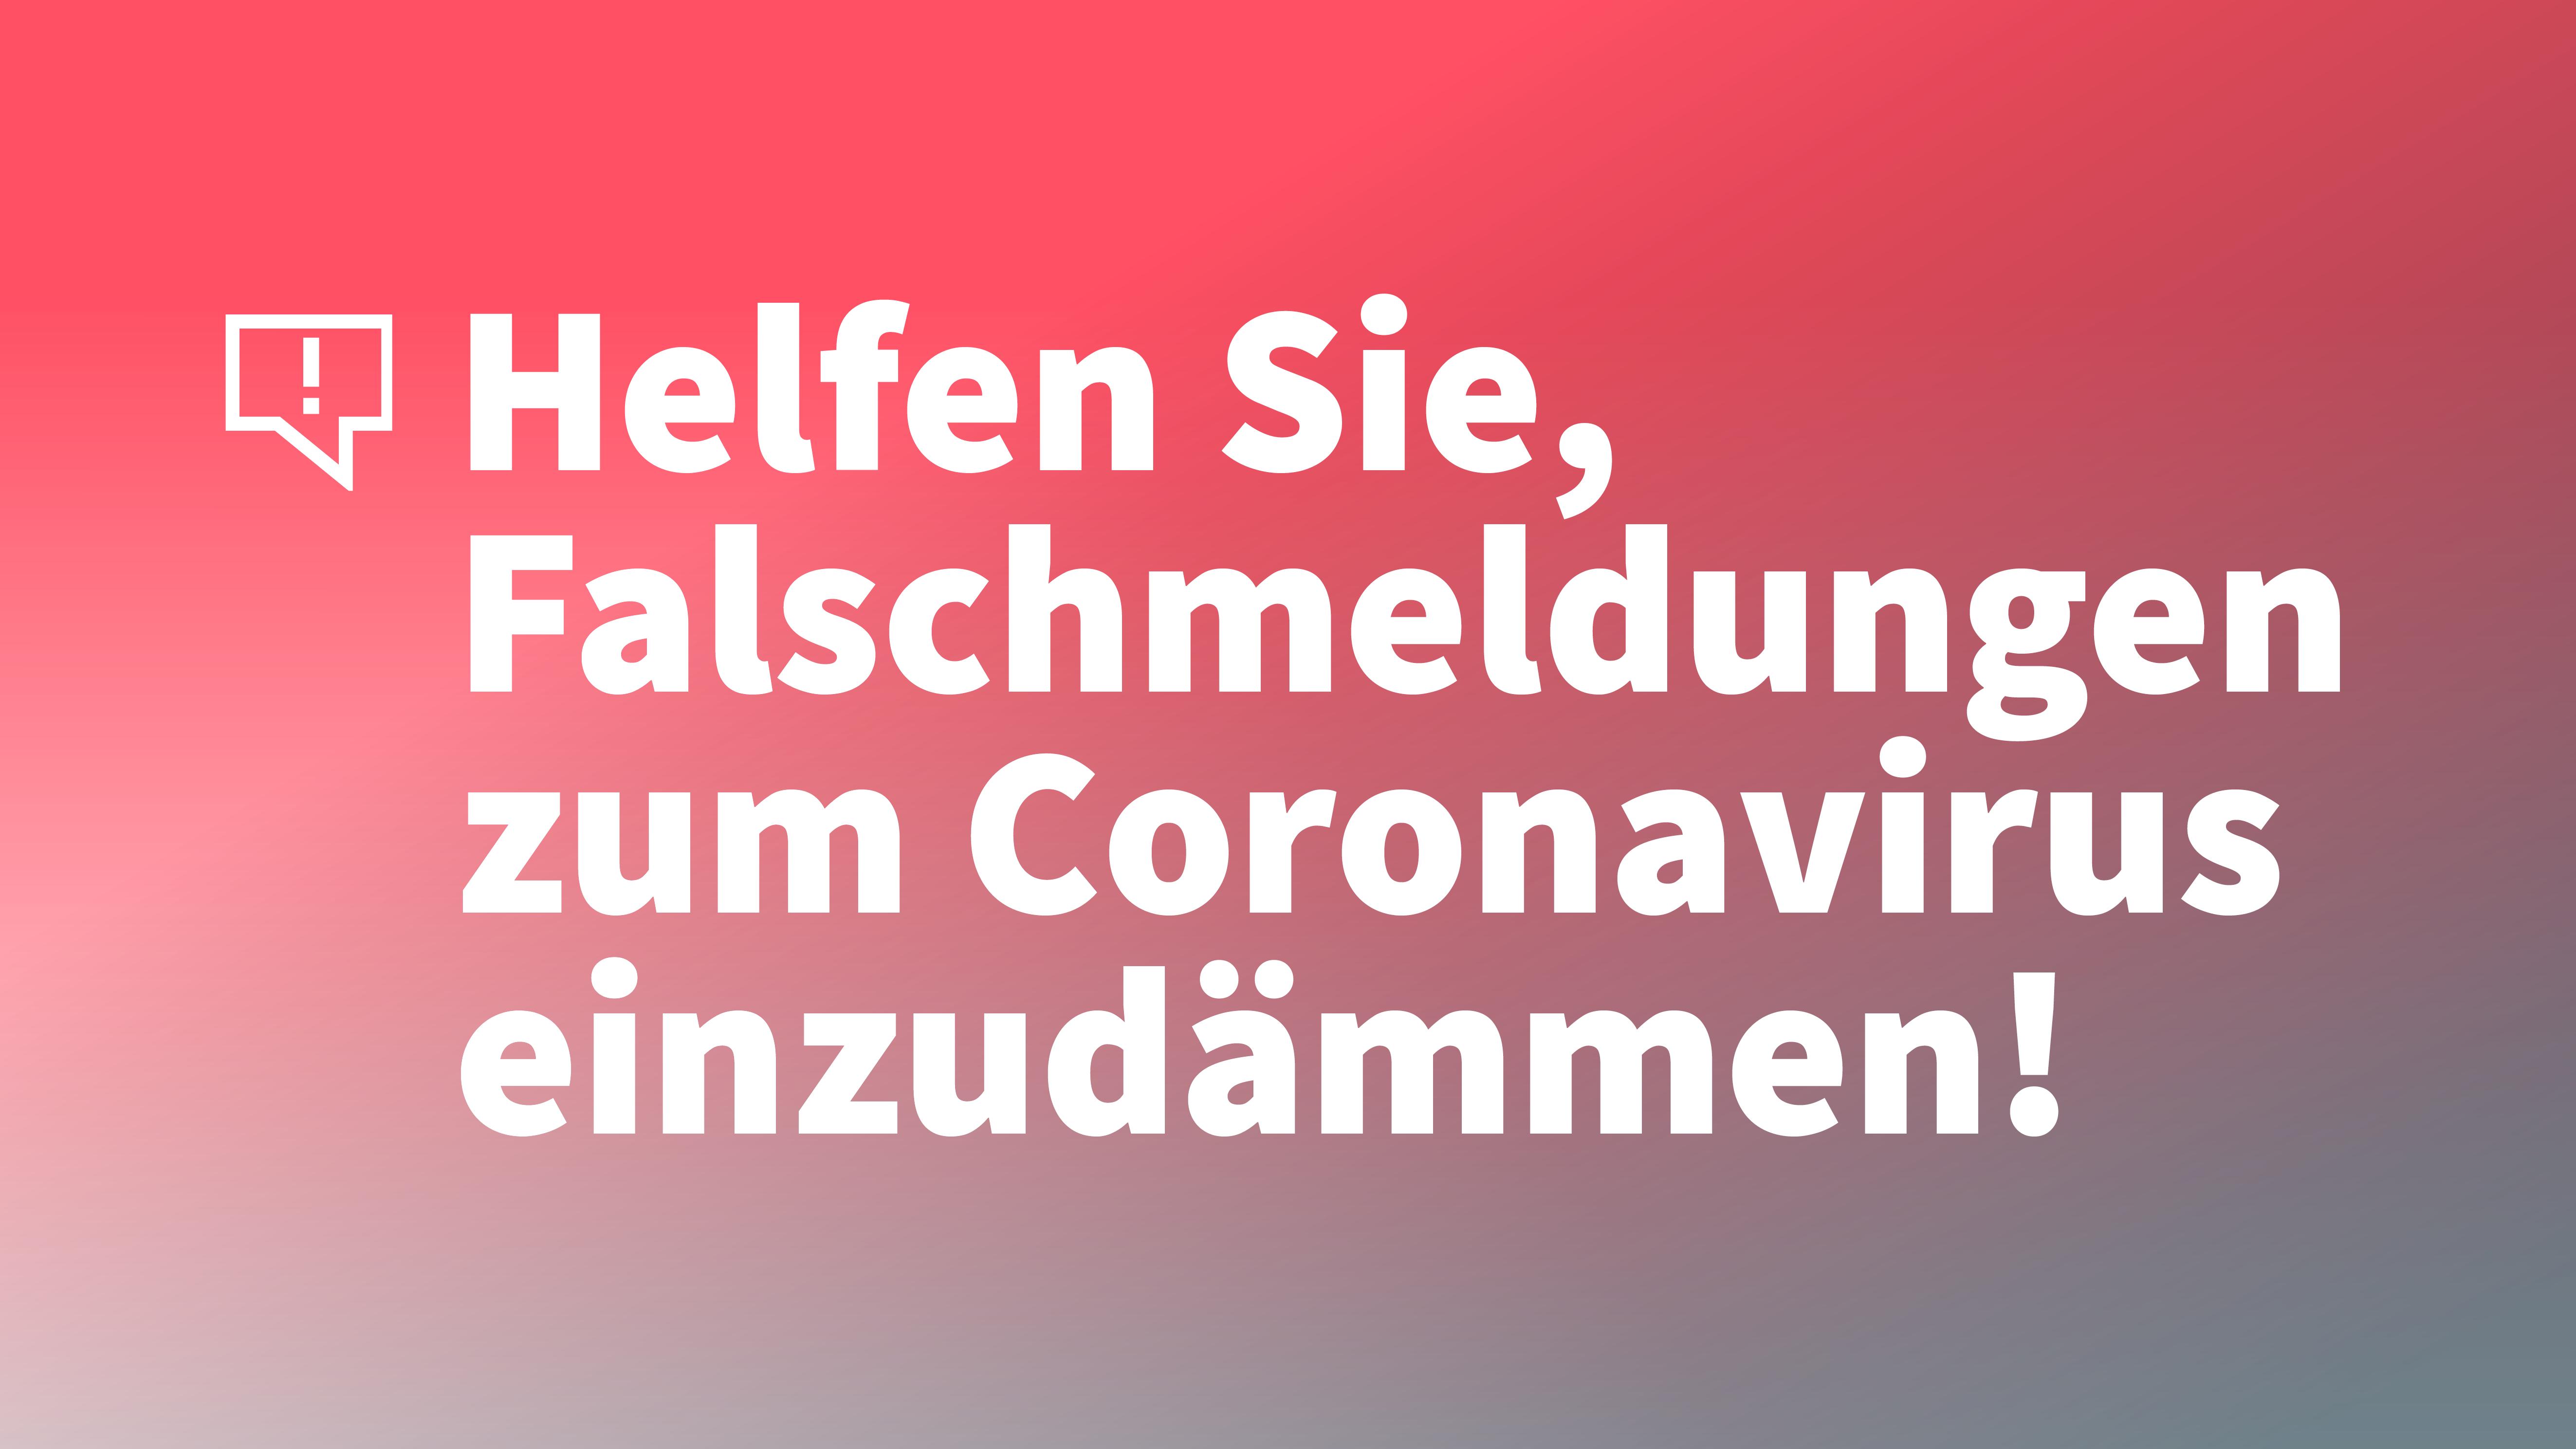 corona virus name herkunft